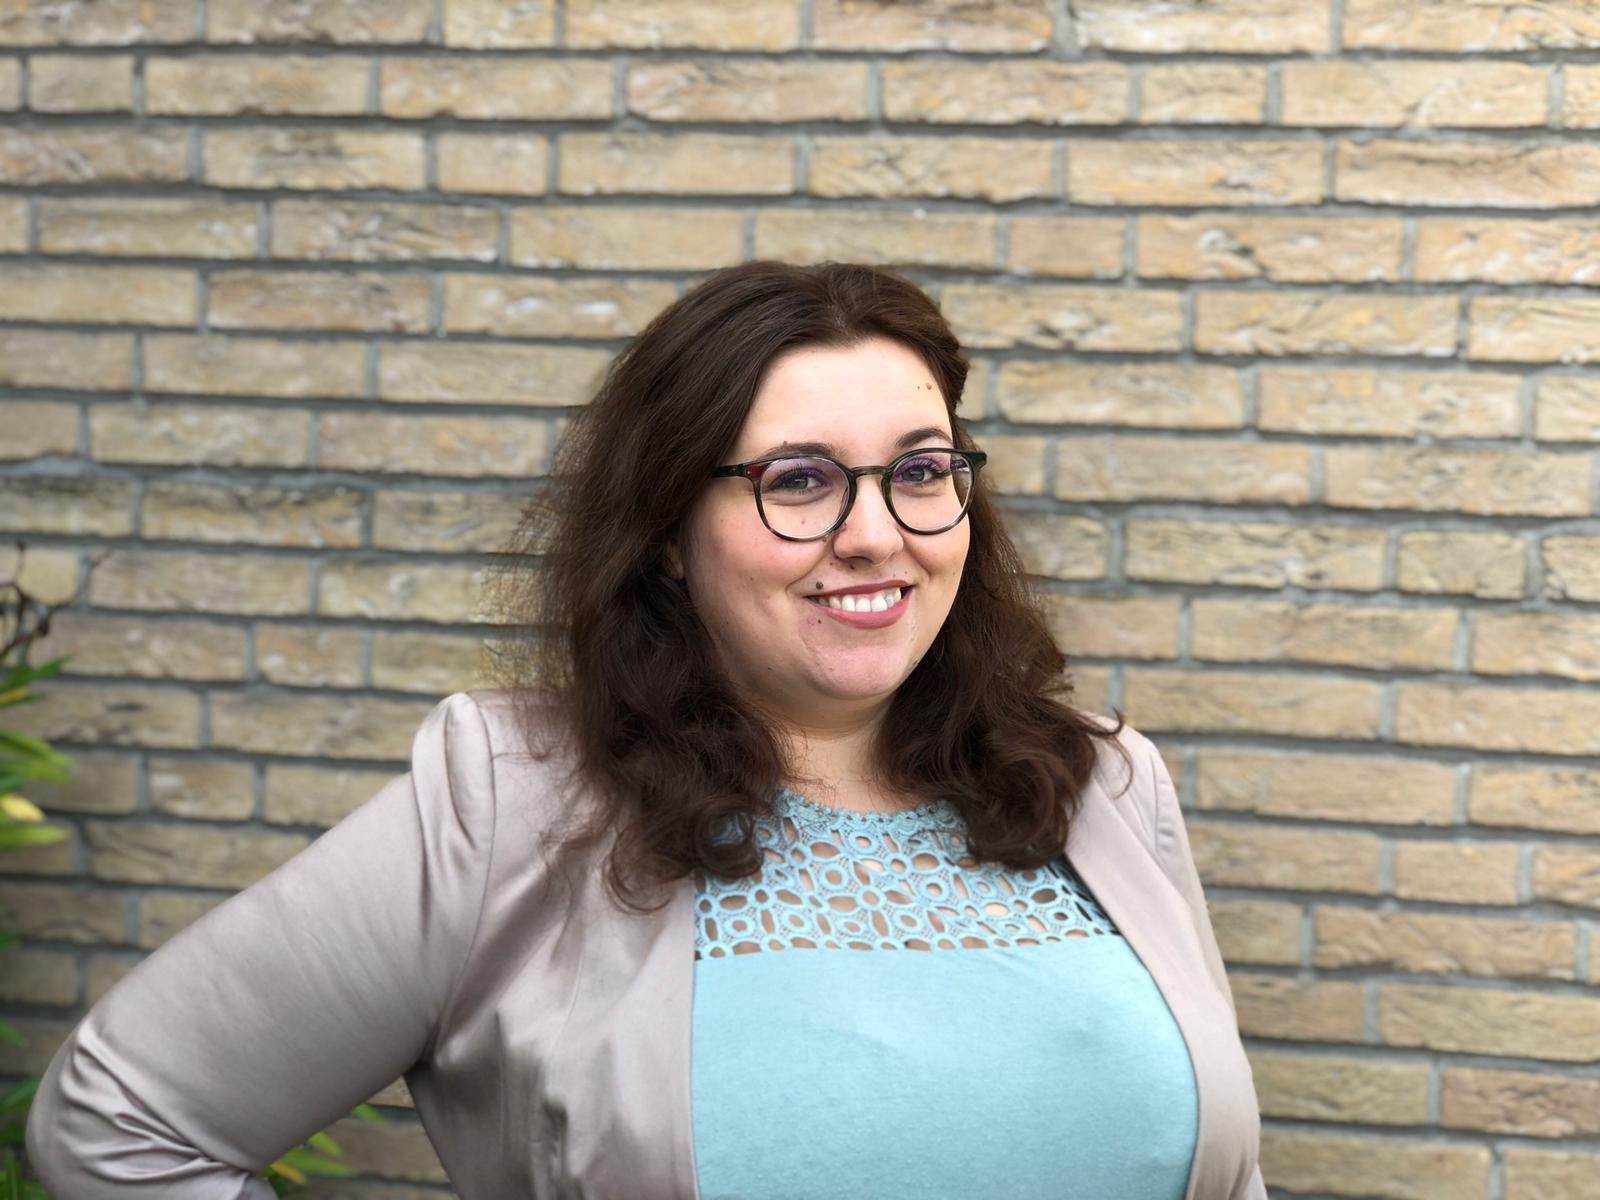 Die 31-jährige Erziehungswissenschaftlerin Mendina Scholte-Reh ist unsere Schriftführerin und sachkundige Bürgerin im Sozialausschuss. Schon jetzt fiebert sie der Einschulung ihres Neffen in den nächsten Tagen entgegen.